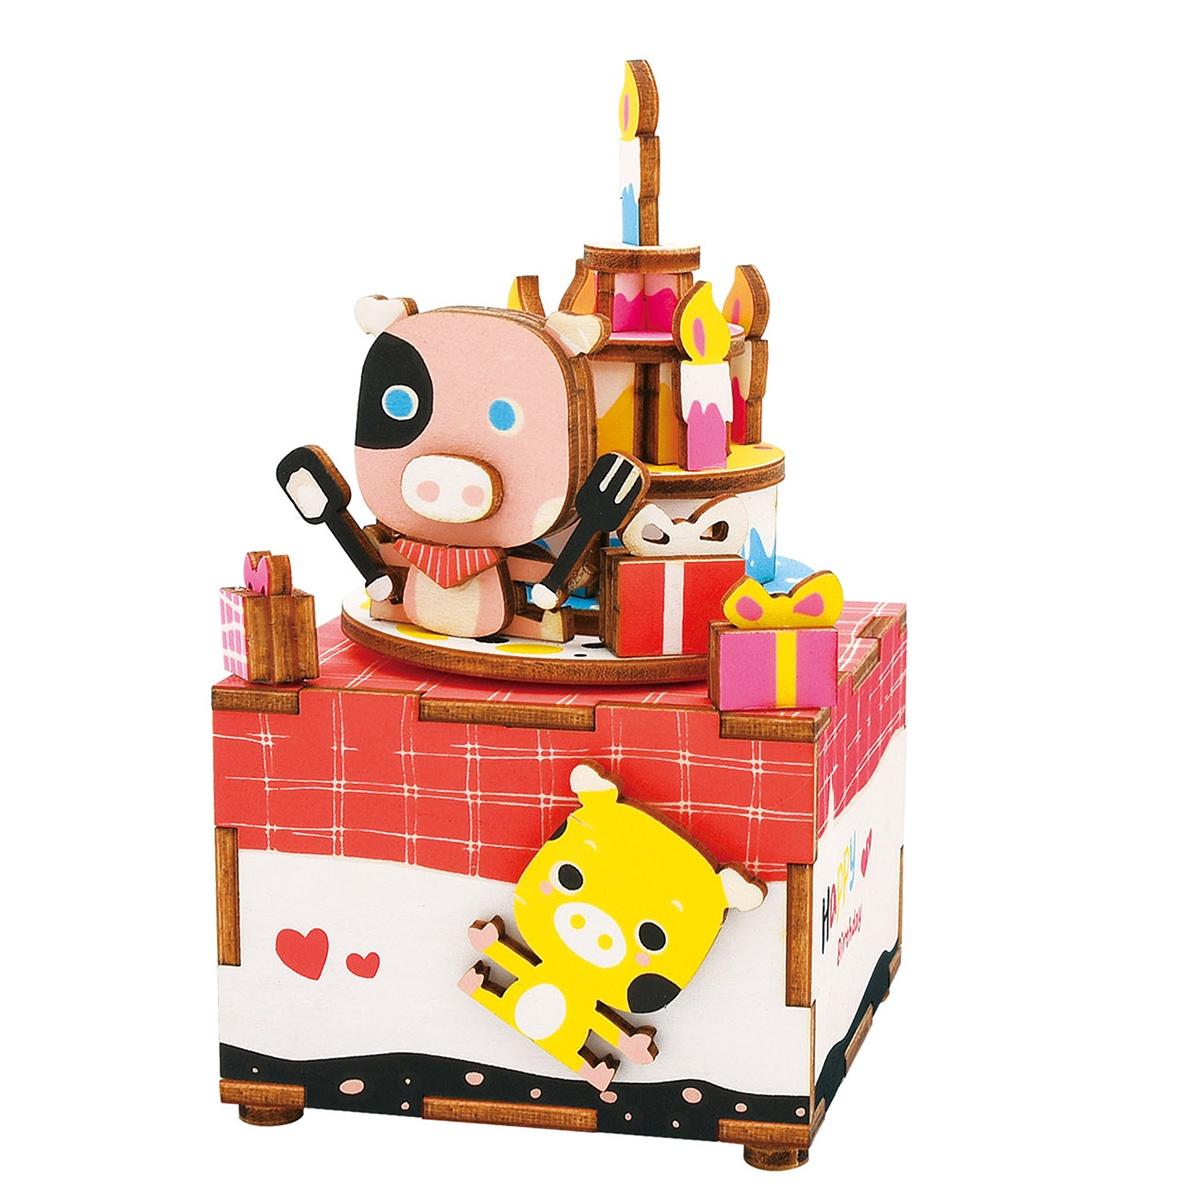 Деревянный конструктор Robotime Деревянный 3D конструктор - музыкальная шкатулка Happy birthday стоимость